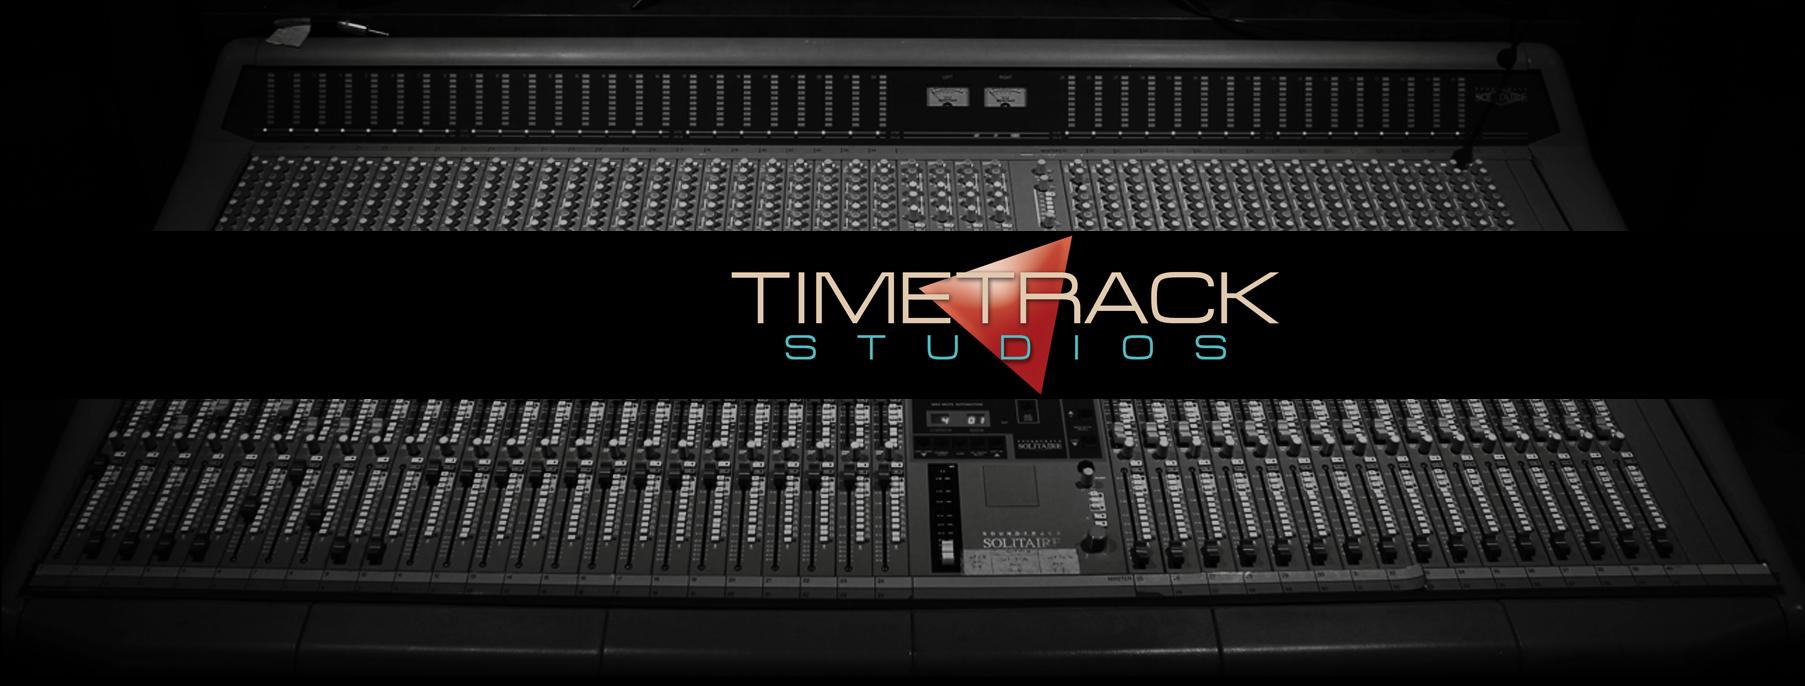 Foto dello studio di registrazione di Time Track Factory